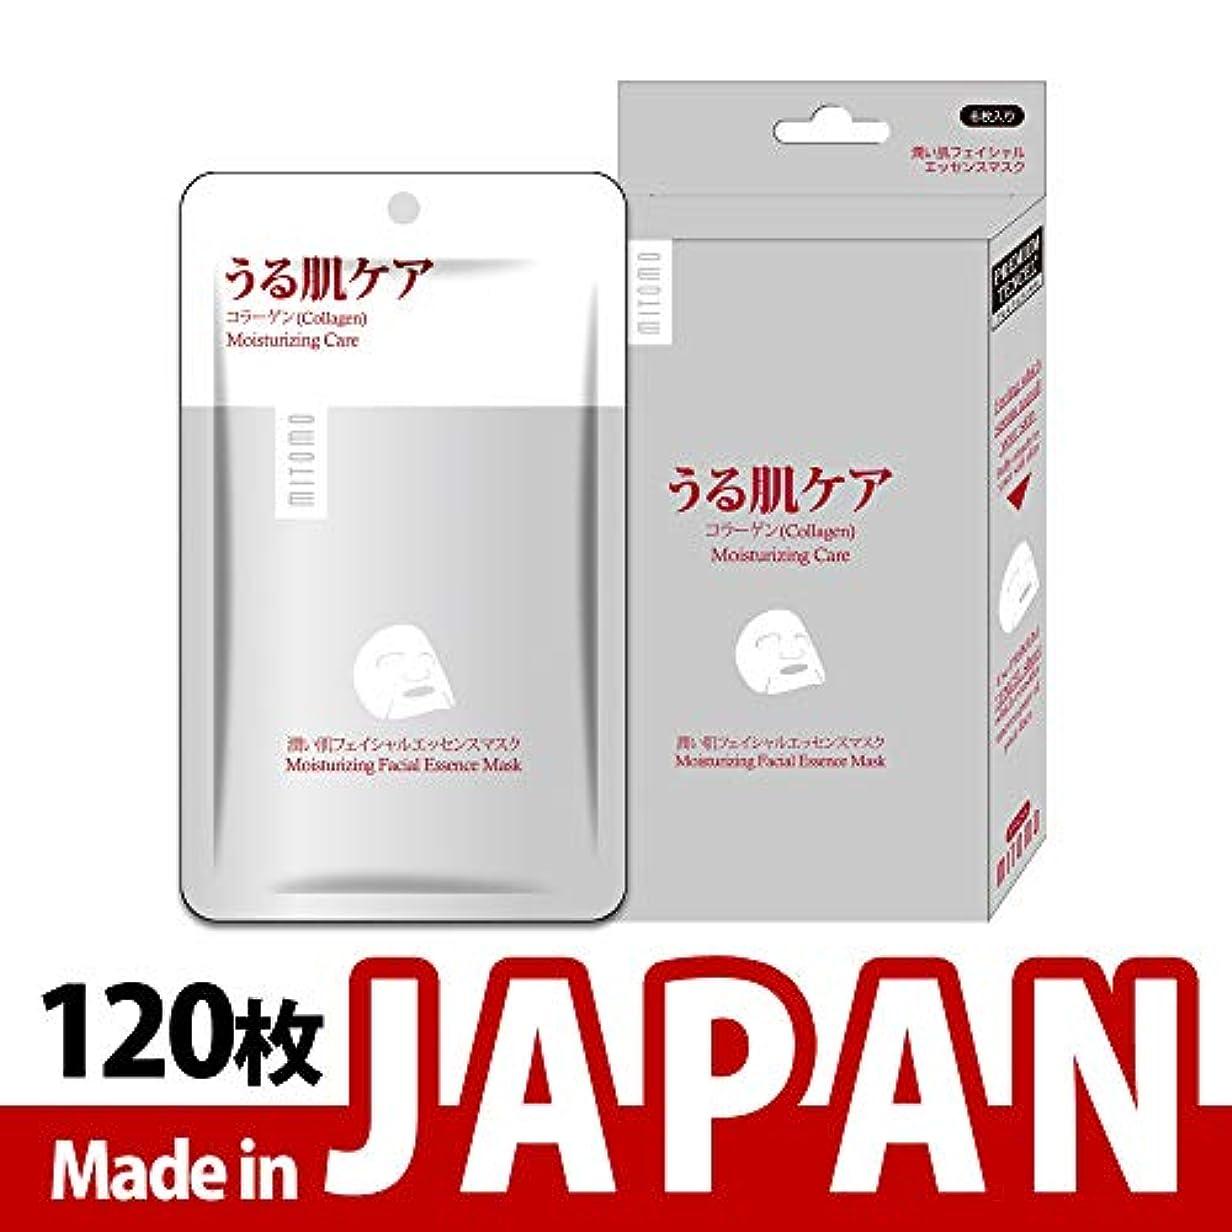 ハブブバンカー櫛【HS002-A-1】シートマスク/6枚入り/120枚/美容液/マスクパック/送料無料